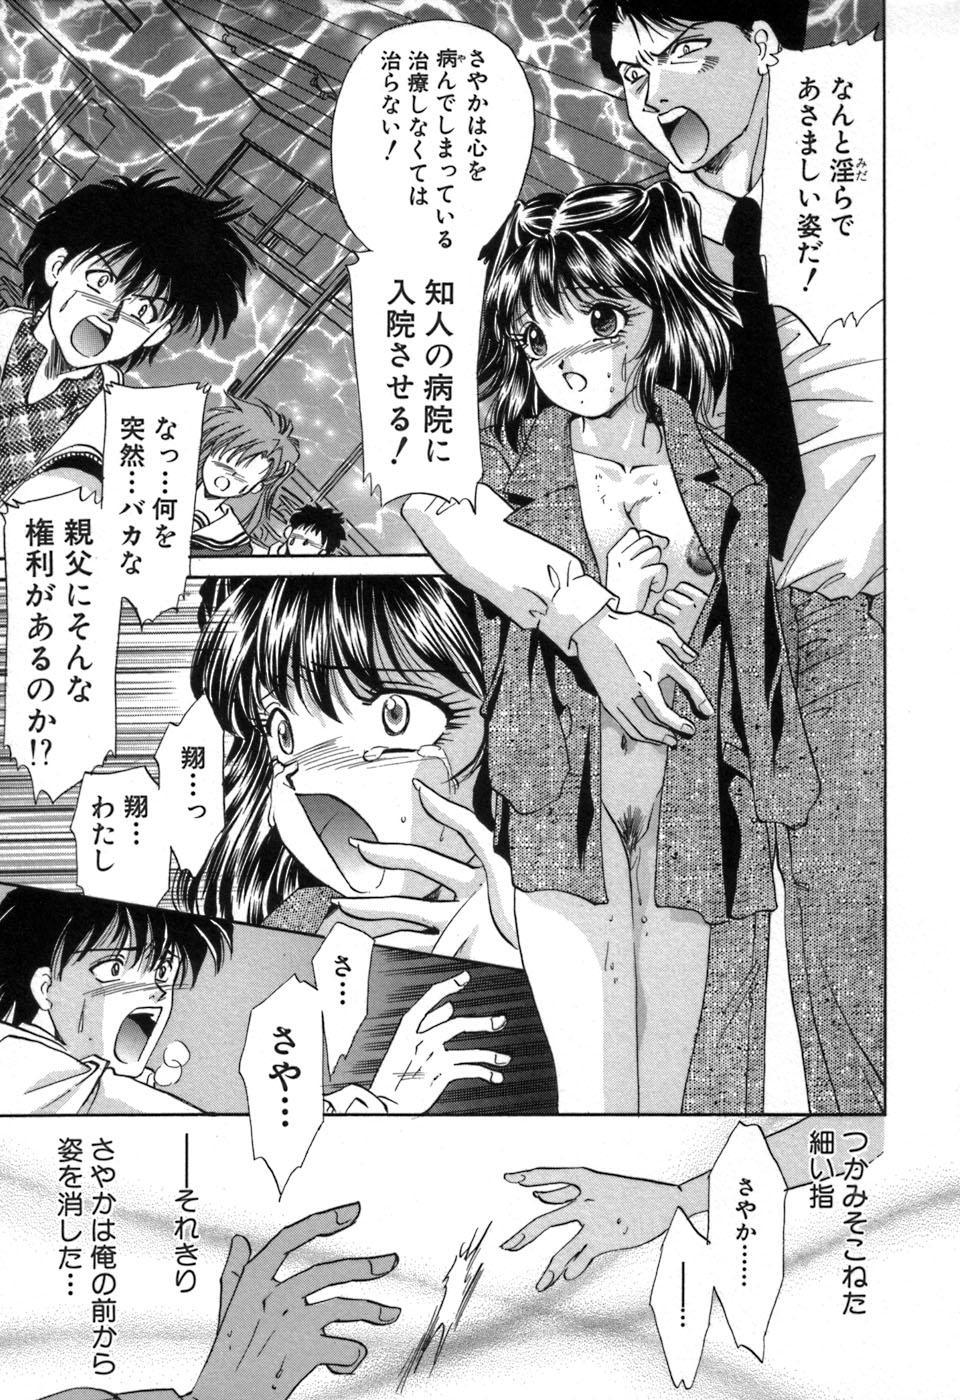 Ryoujoku Tenshi 159